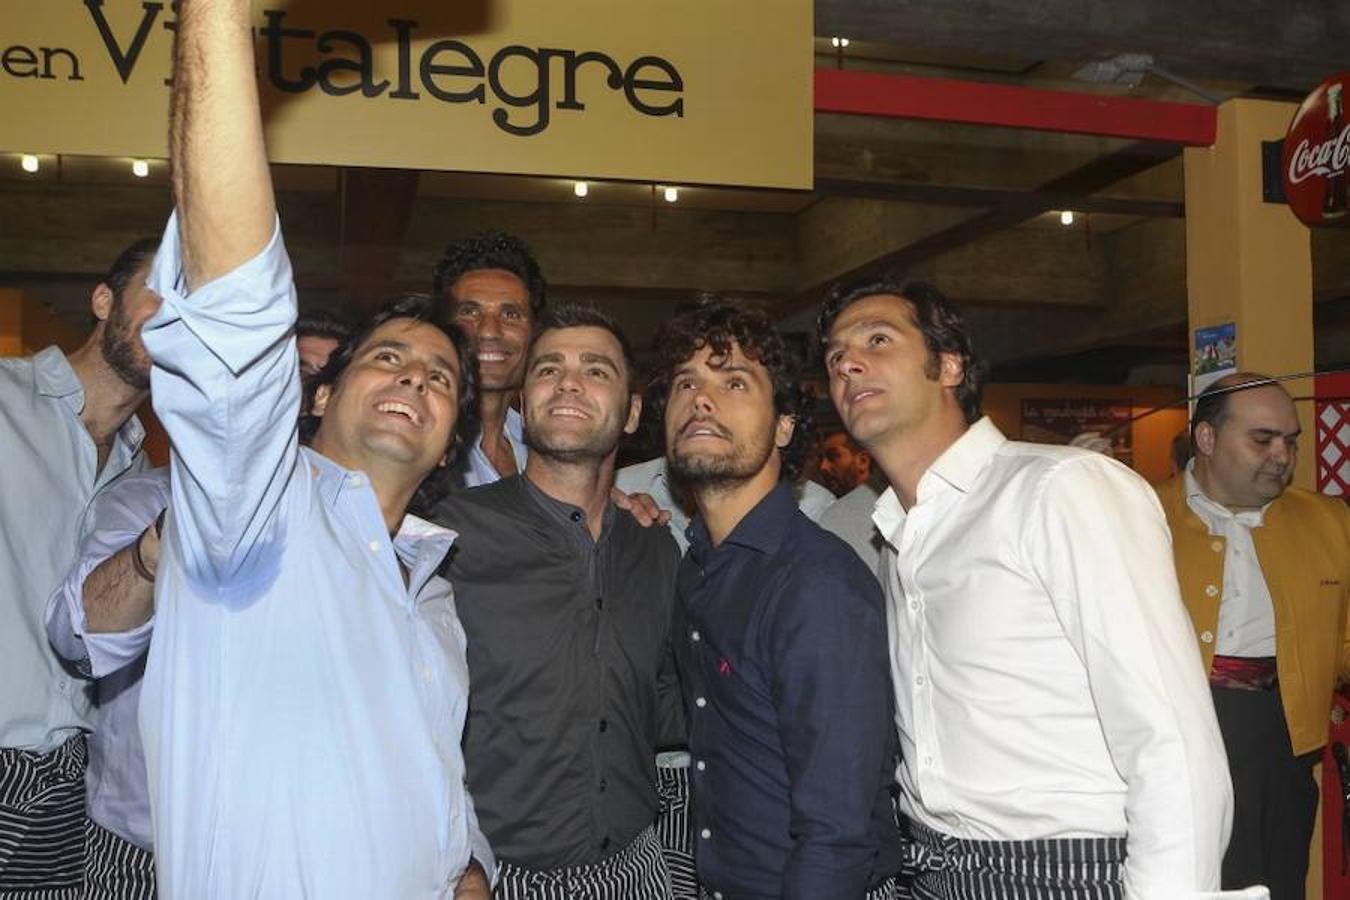 El expiloto Fonsi Nieto, los toreros Miguel Abellán y Francisco Rivera e Israel Lancho se hacen un «selfie» como recuerdo del rastrillo de este año